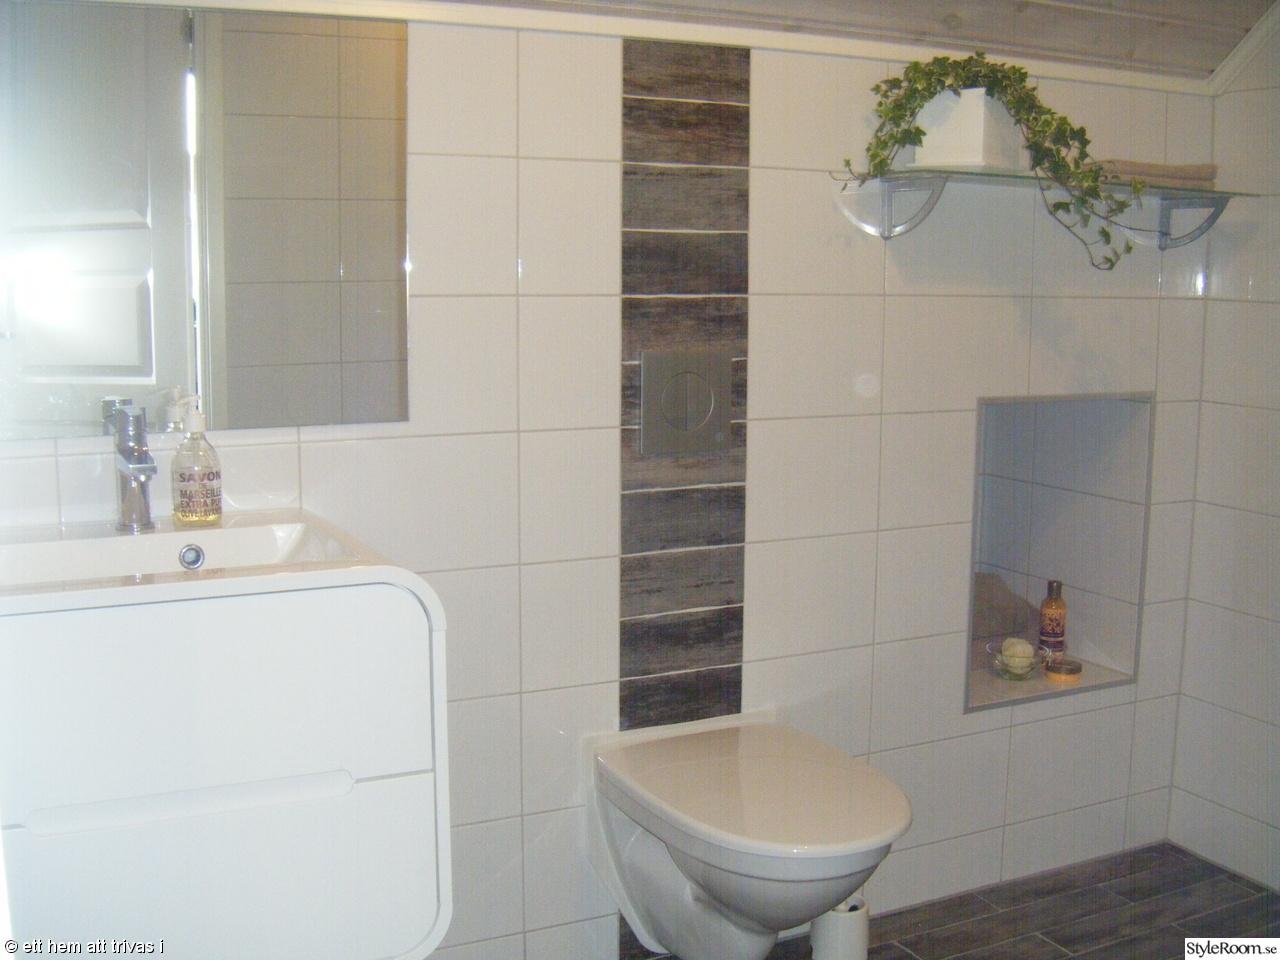 Klinker trä   inspiration och idéer till ditt hem